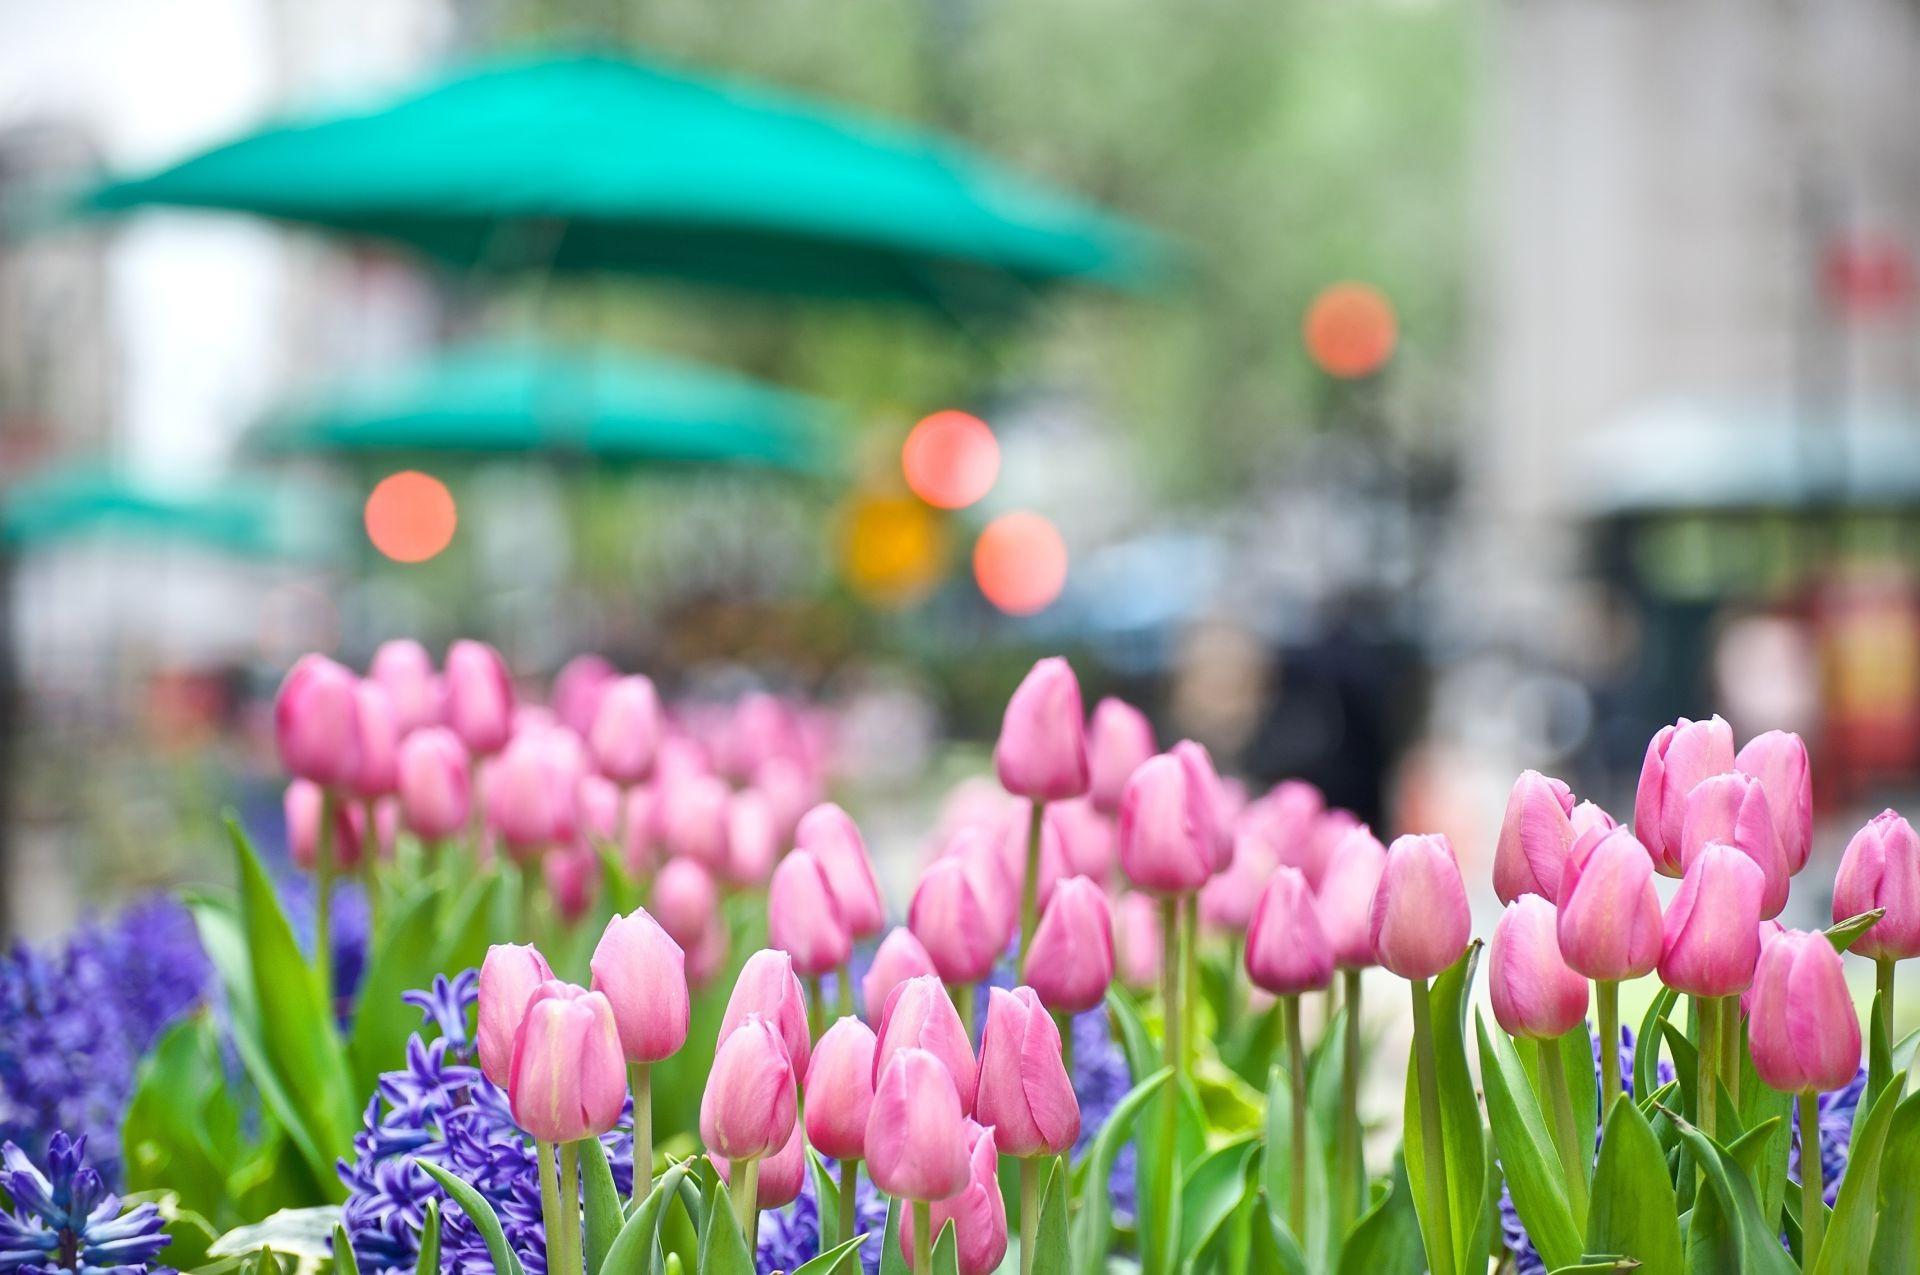 картинки весна обои на телефон может разбиться при